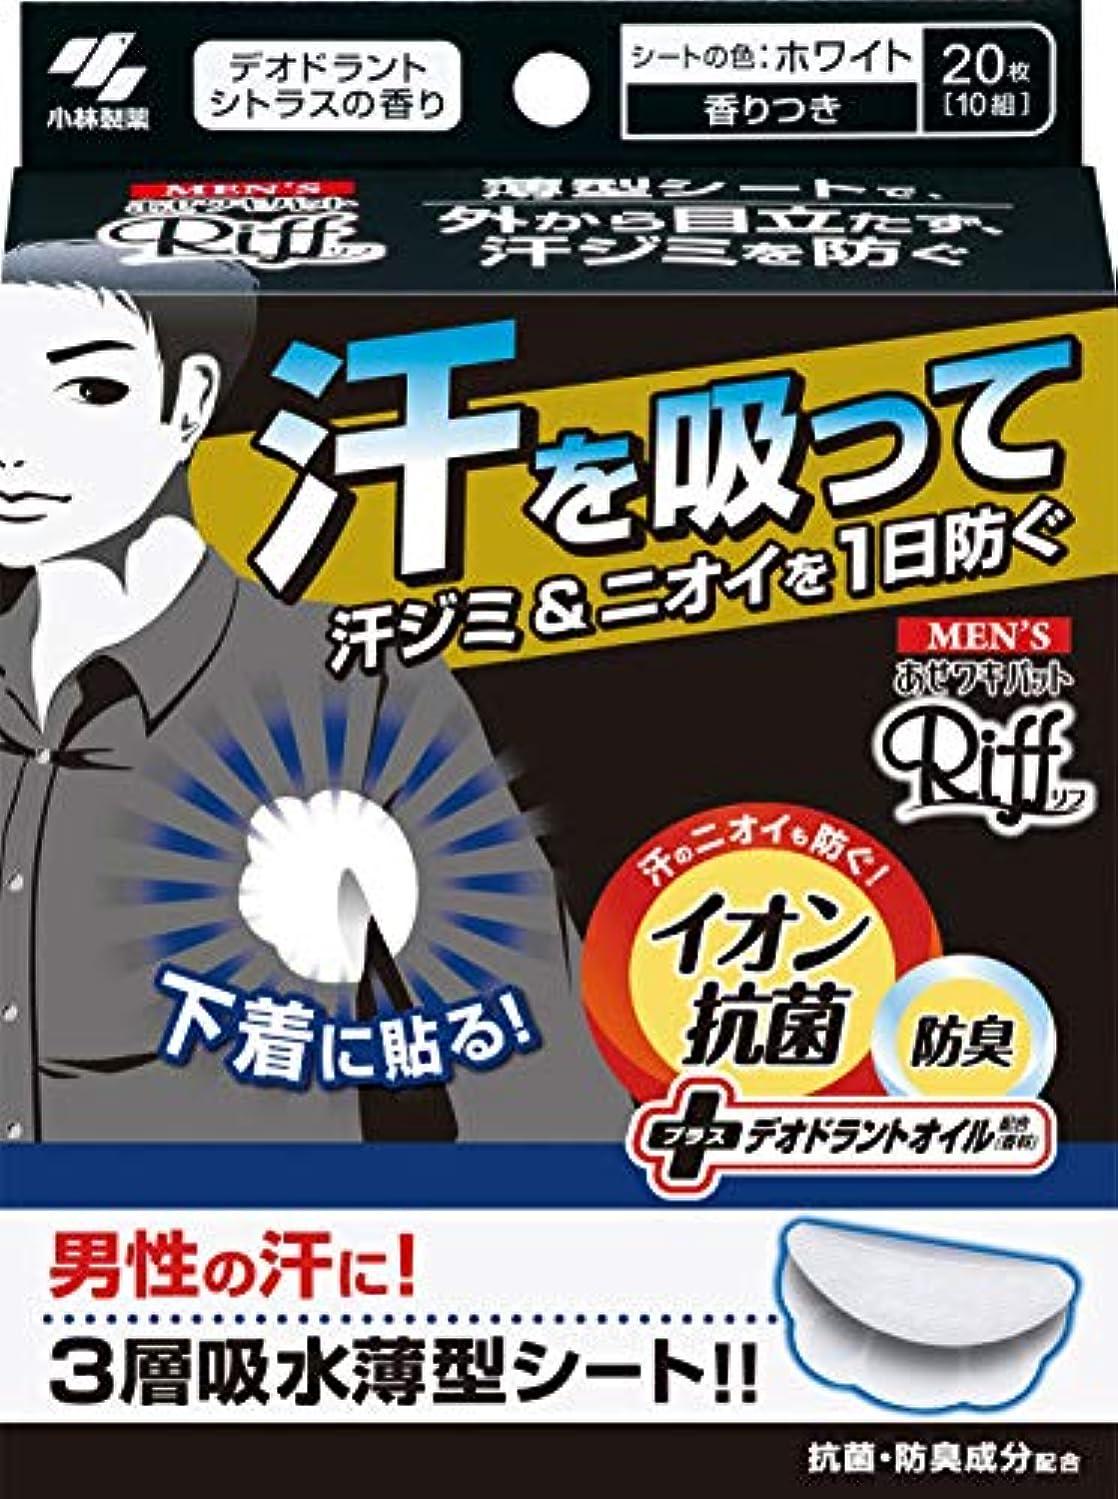 フィードバック広告主郵便物メンズ リフ あせワキパット あせジミ防止?防臭シート ホワイト 20枚